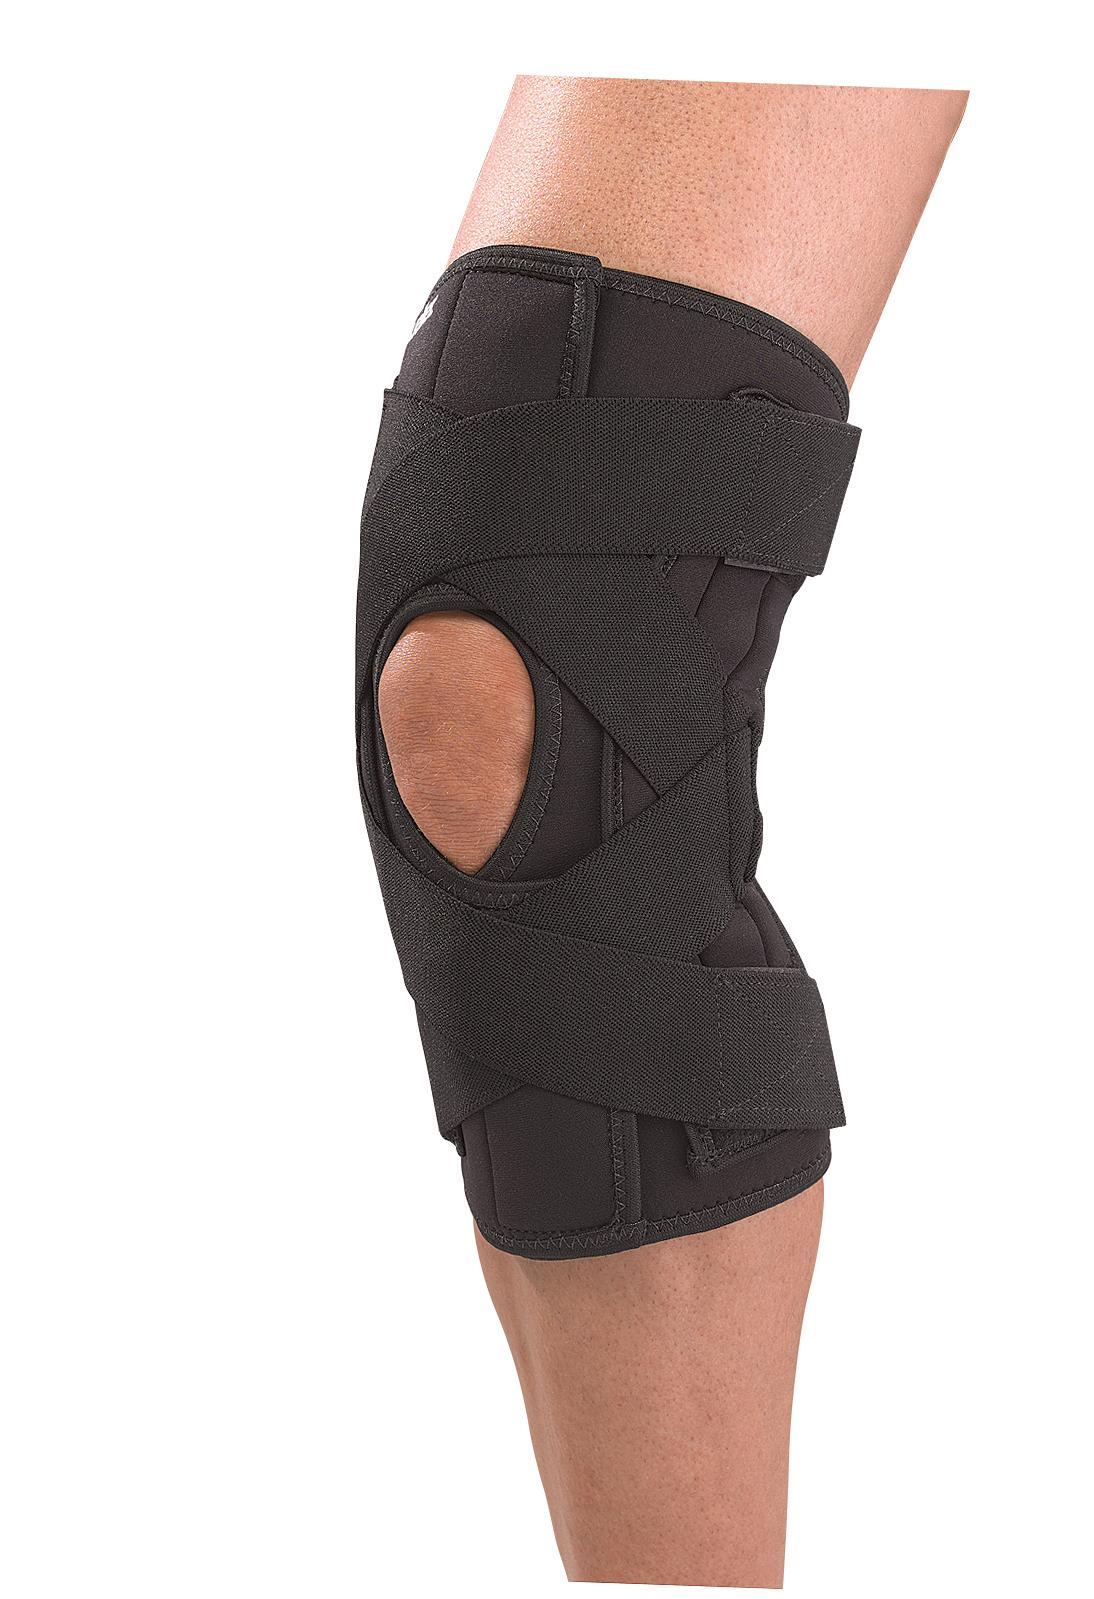 wraparound-knee-brace-deluxe-black-xxxl-230xxxl-74676637068-lr.jpg